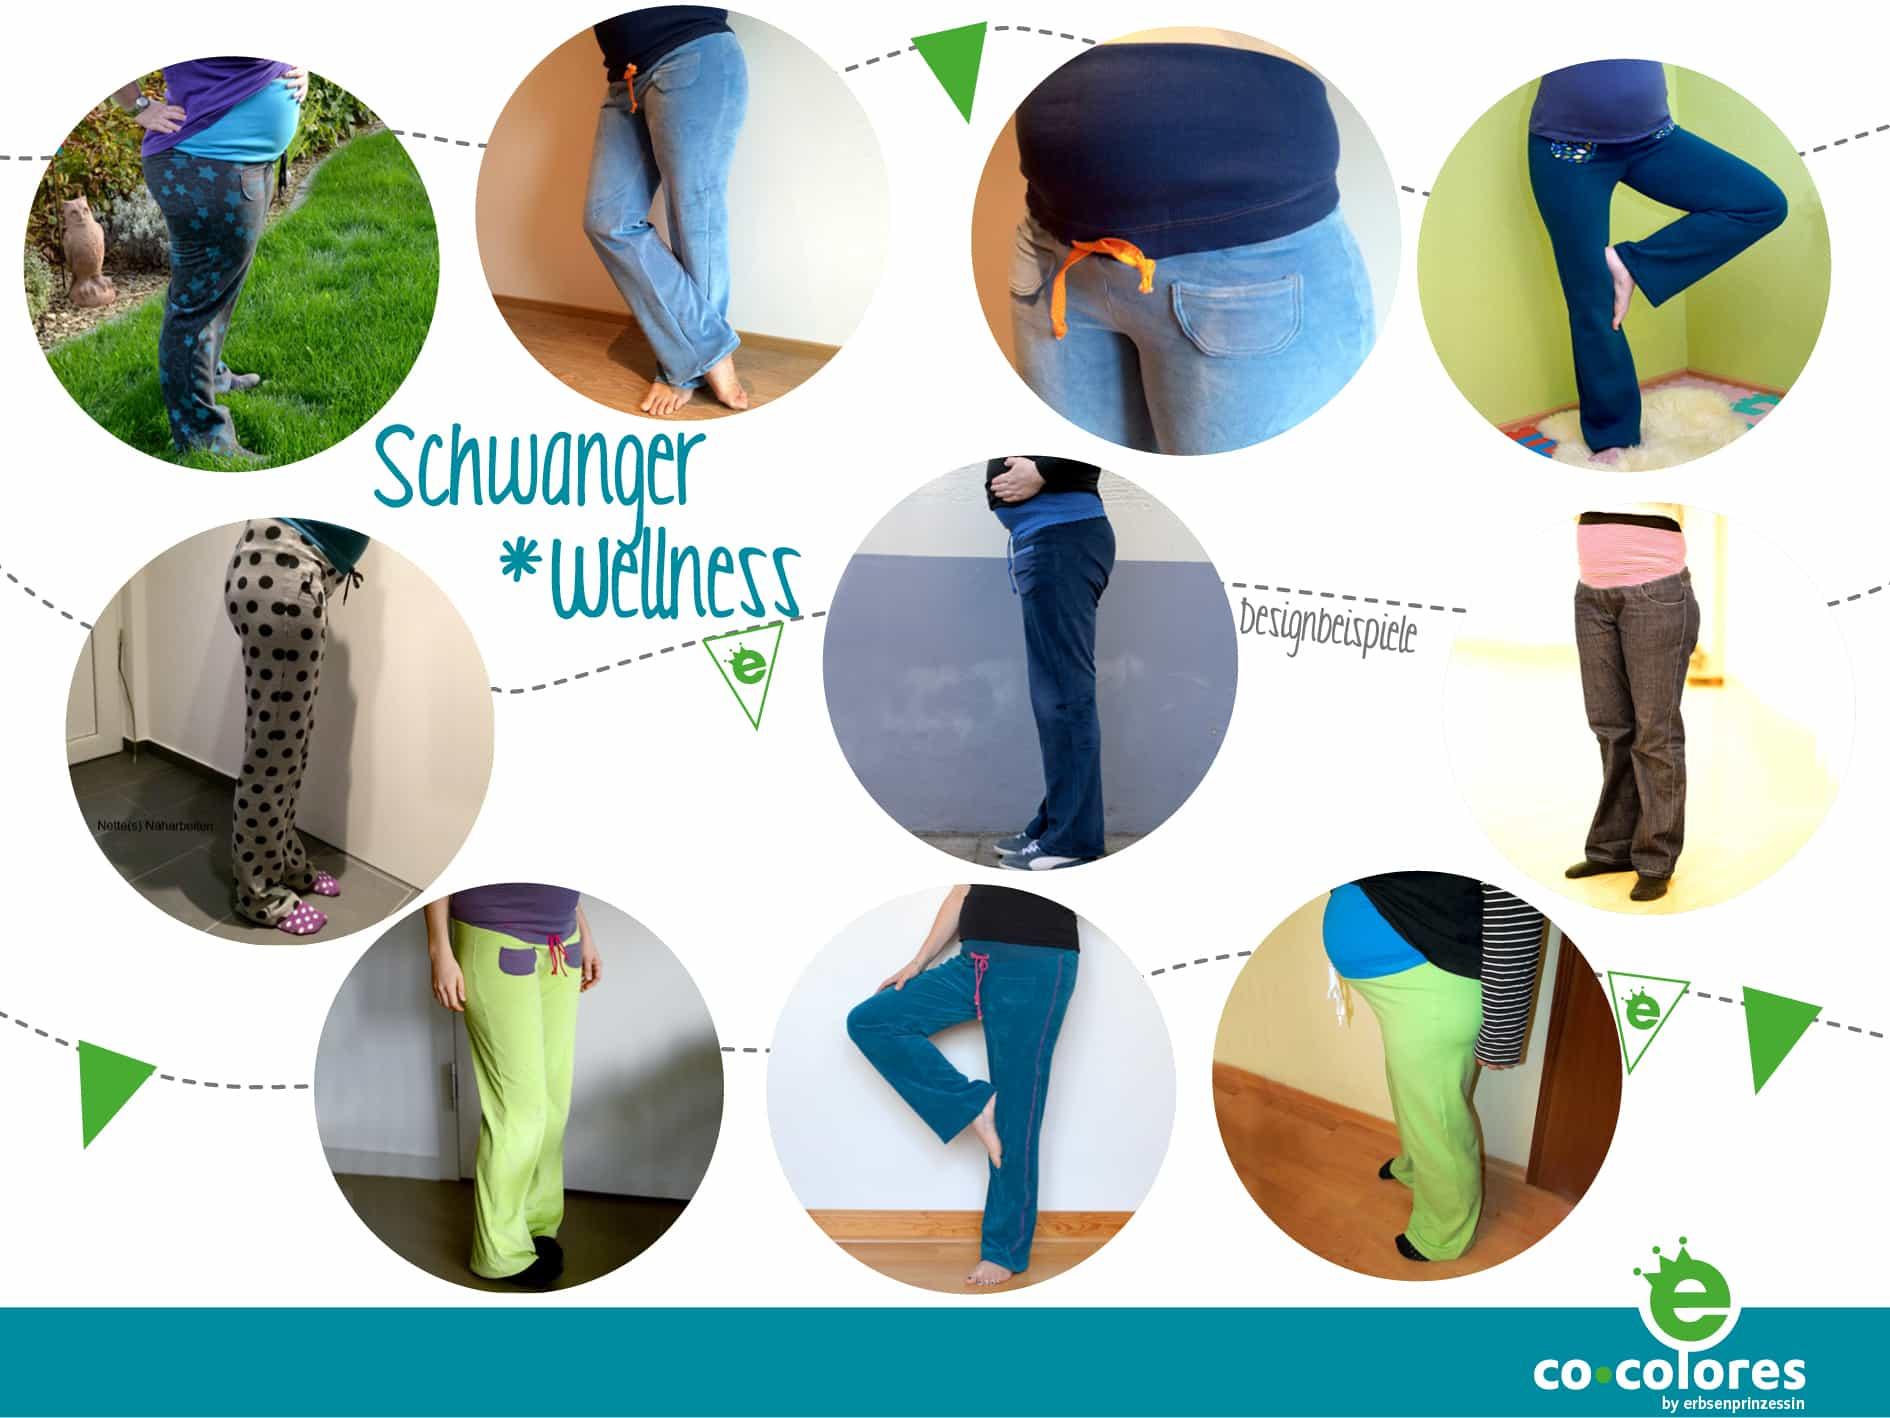 Wellness-Hose für Schwangerschaft nähen Nähanleitung Schnittmuster